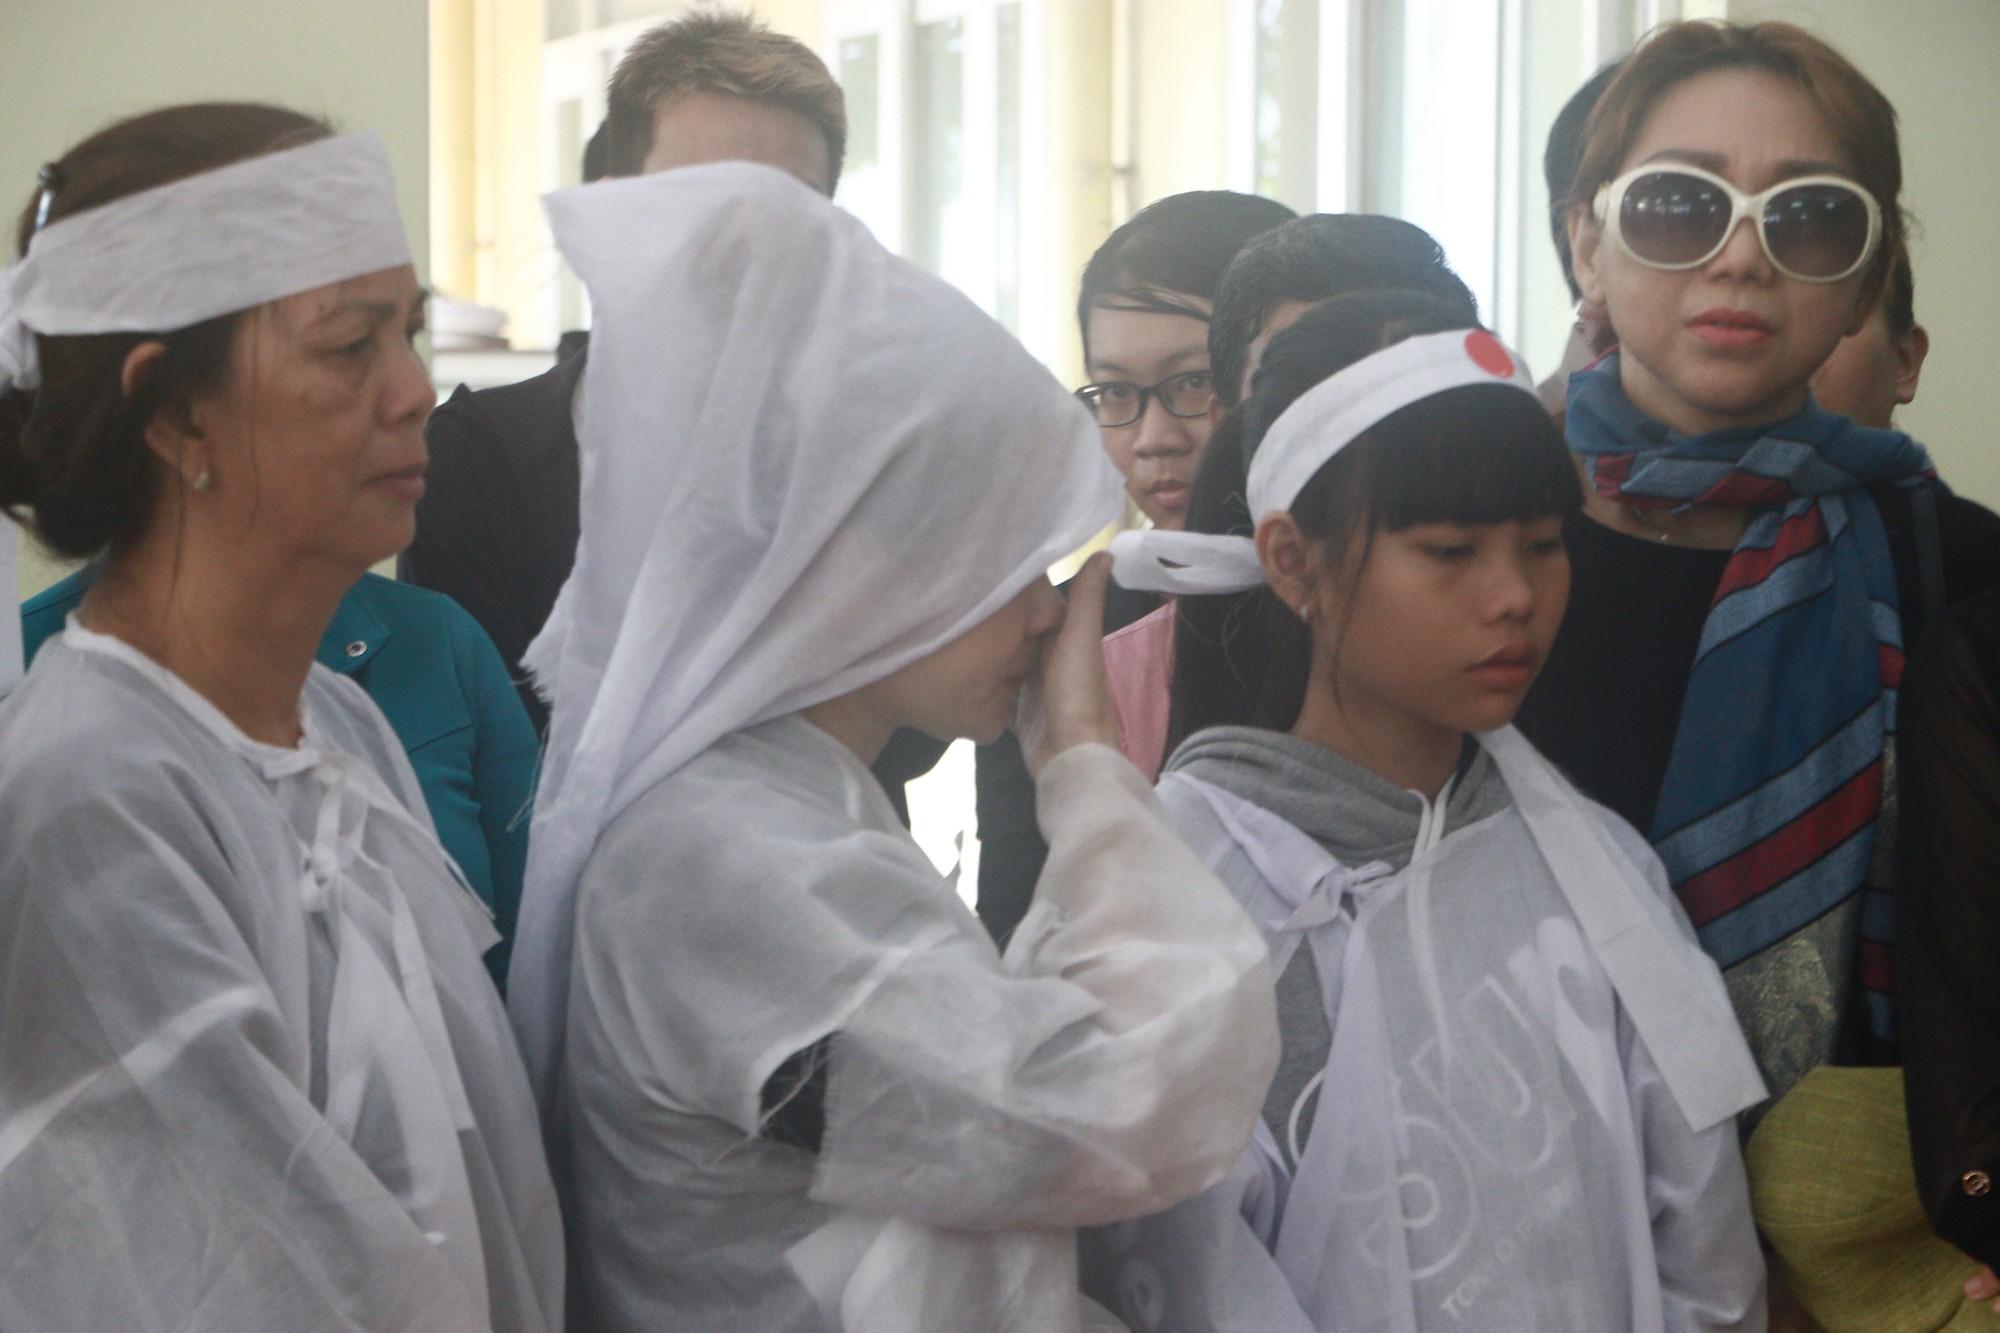 Con gái Lê Bình suy sụp, thất thần trong lễ động quan đưa thi hài cha về nơi an nghỉ - Ảnh 9.